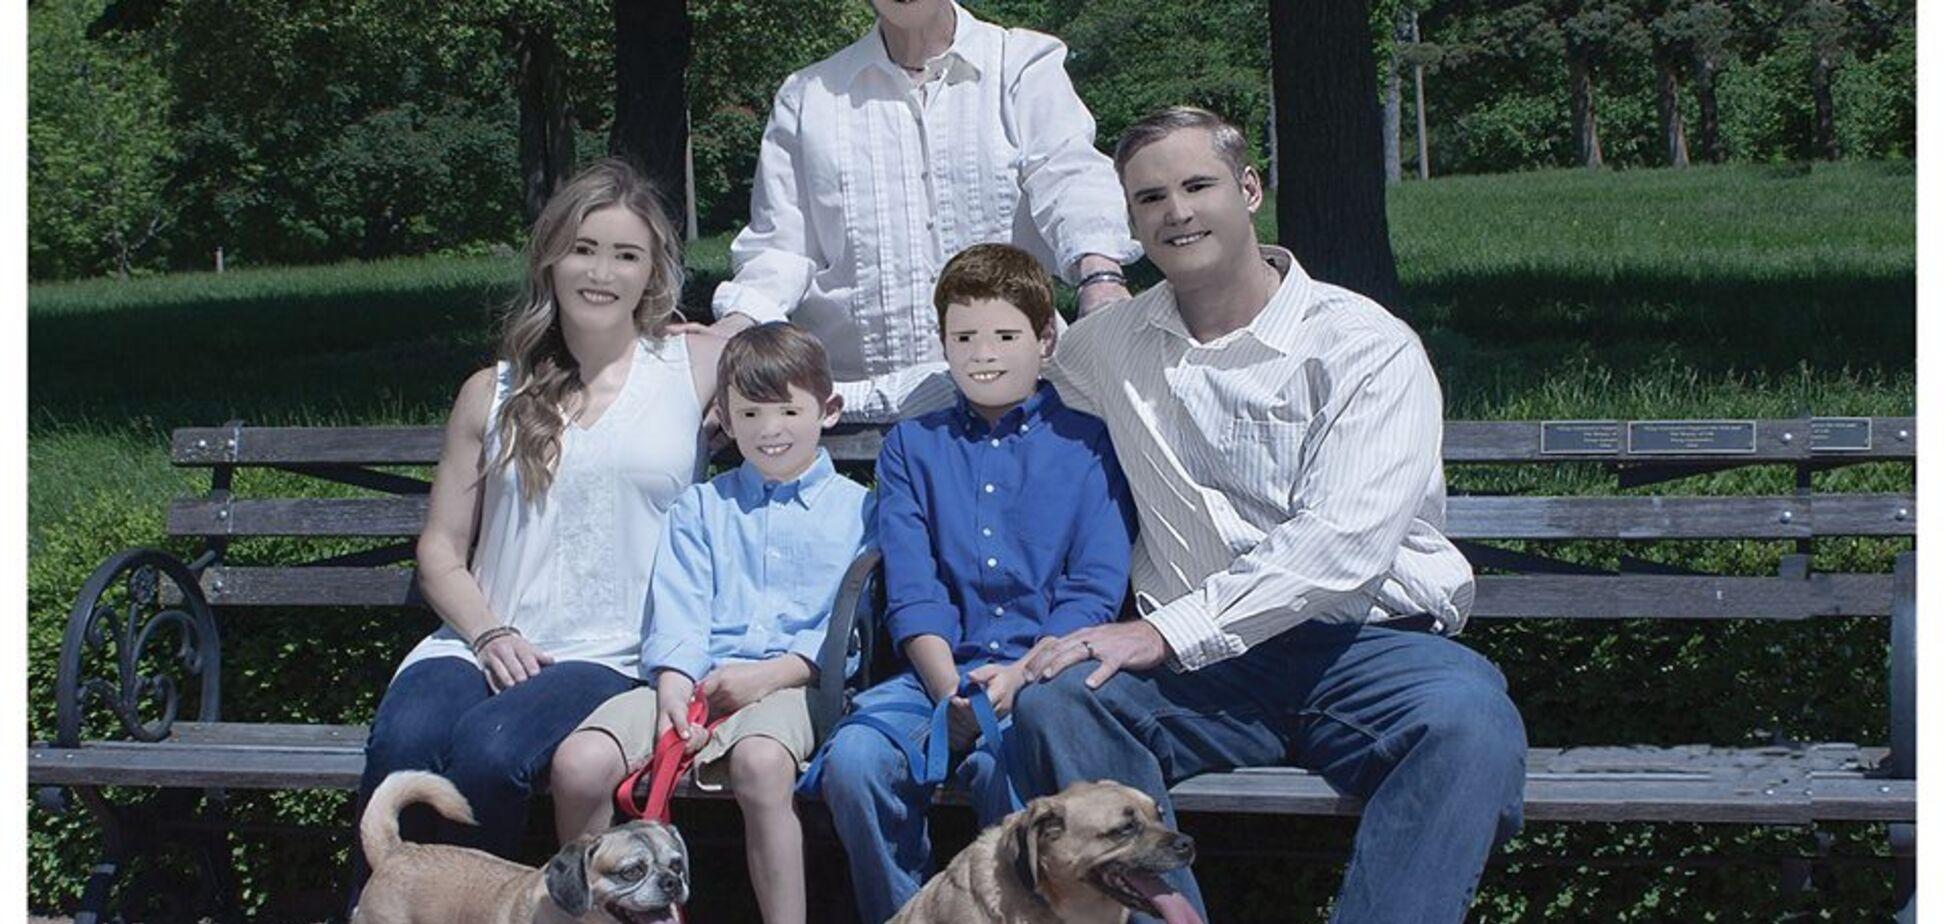 Фотосессия американской семьи довела сеть до истерики